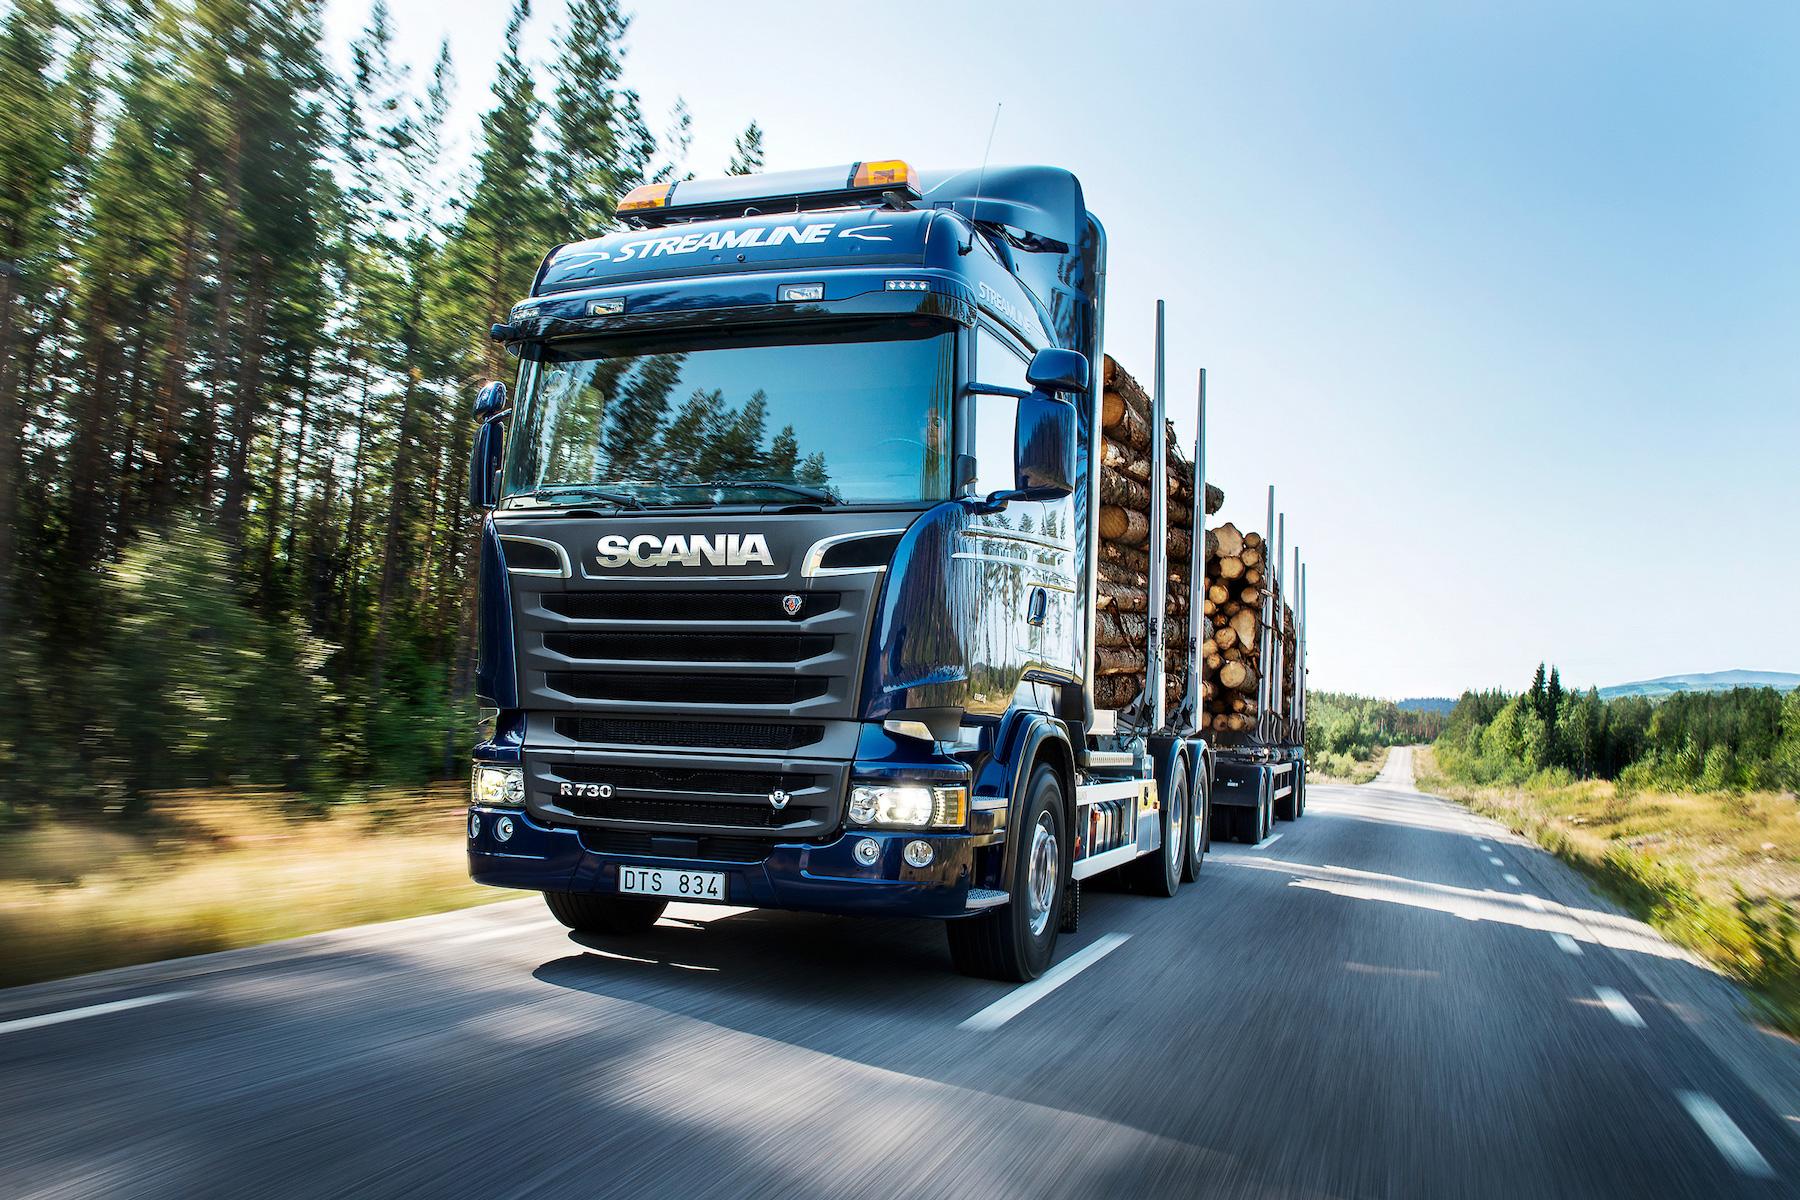 最高出力730hp、最大トルク3500Nmという驚異のパワー・トルクを誇るR730